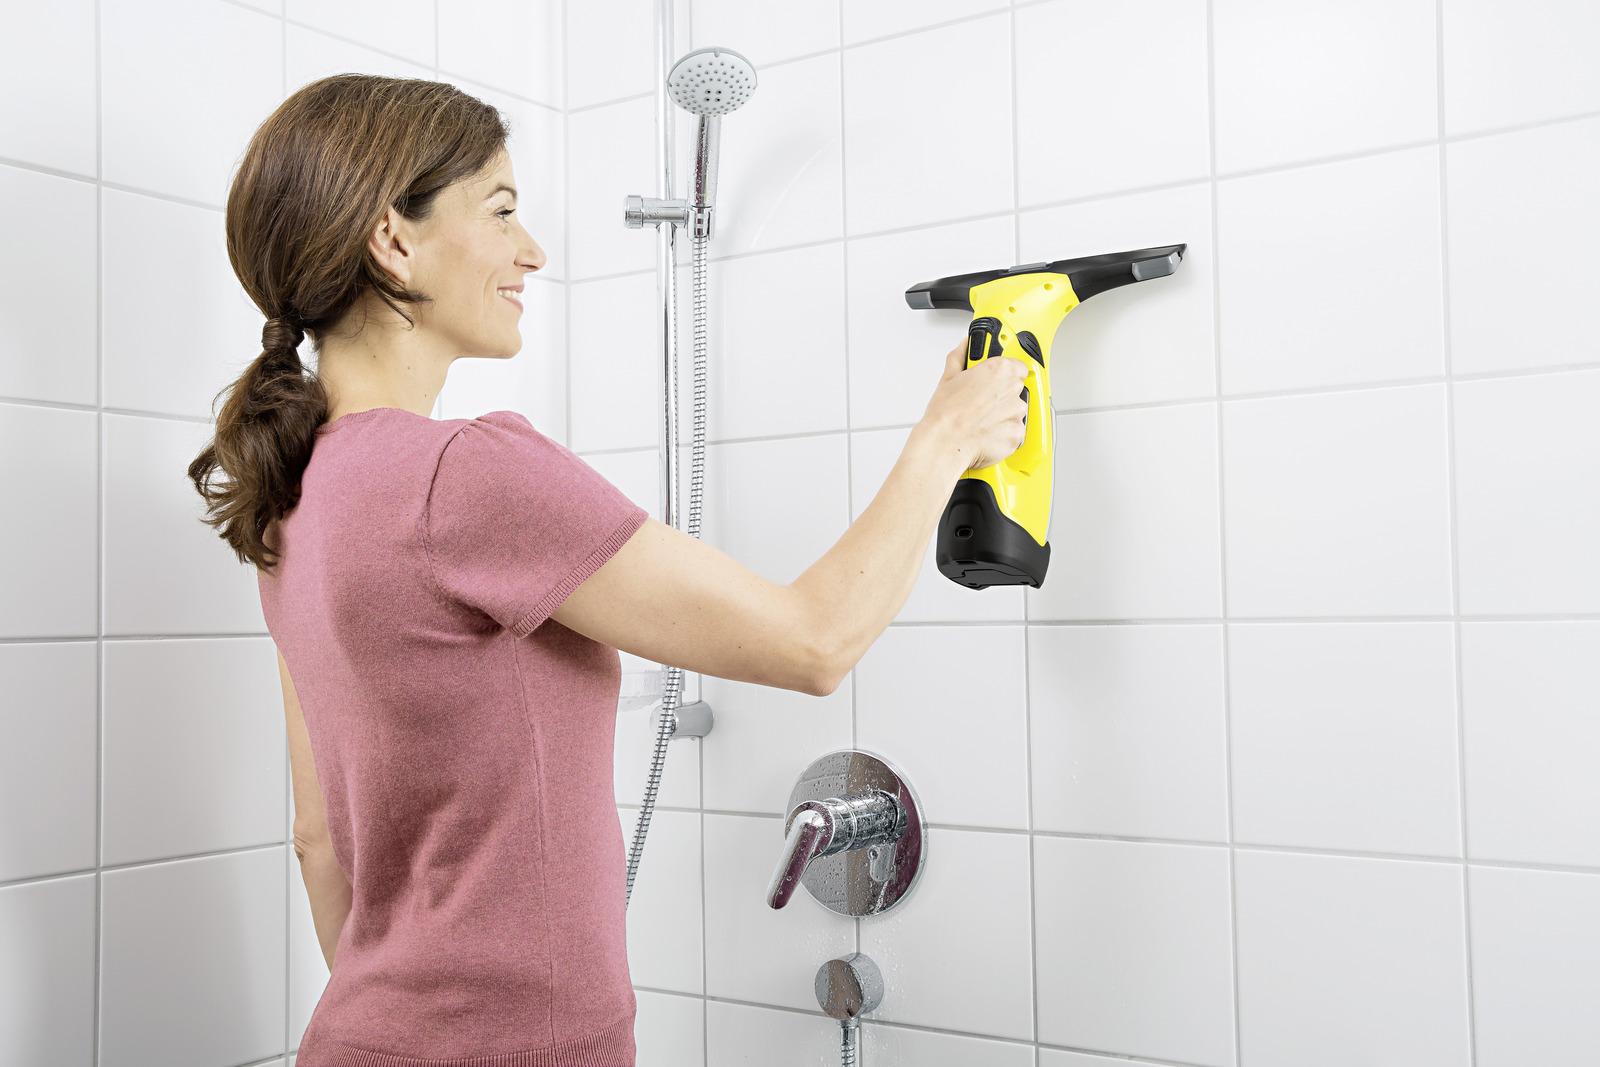 mycie kafelków w łazience myjką Karcher